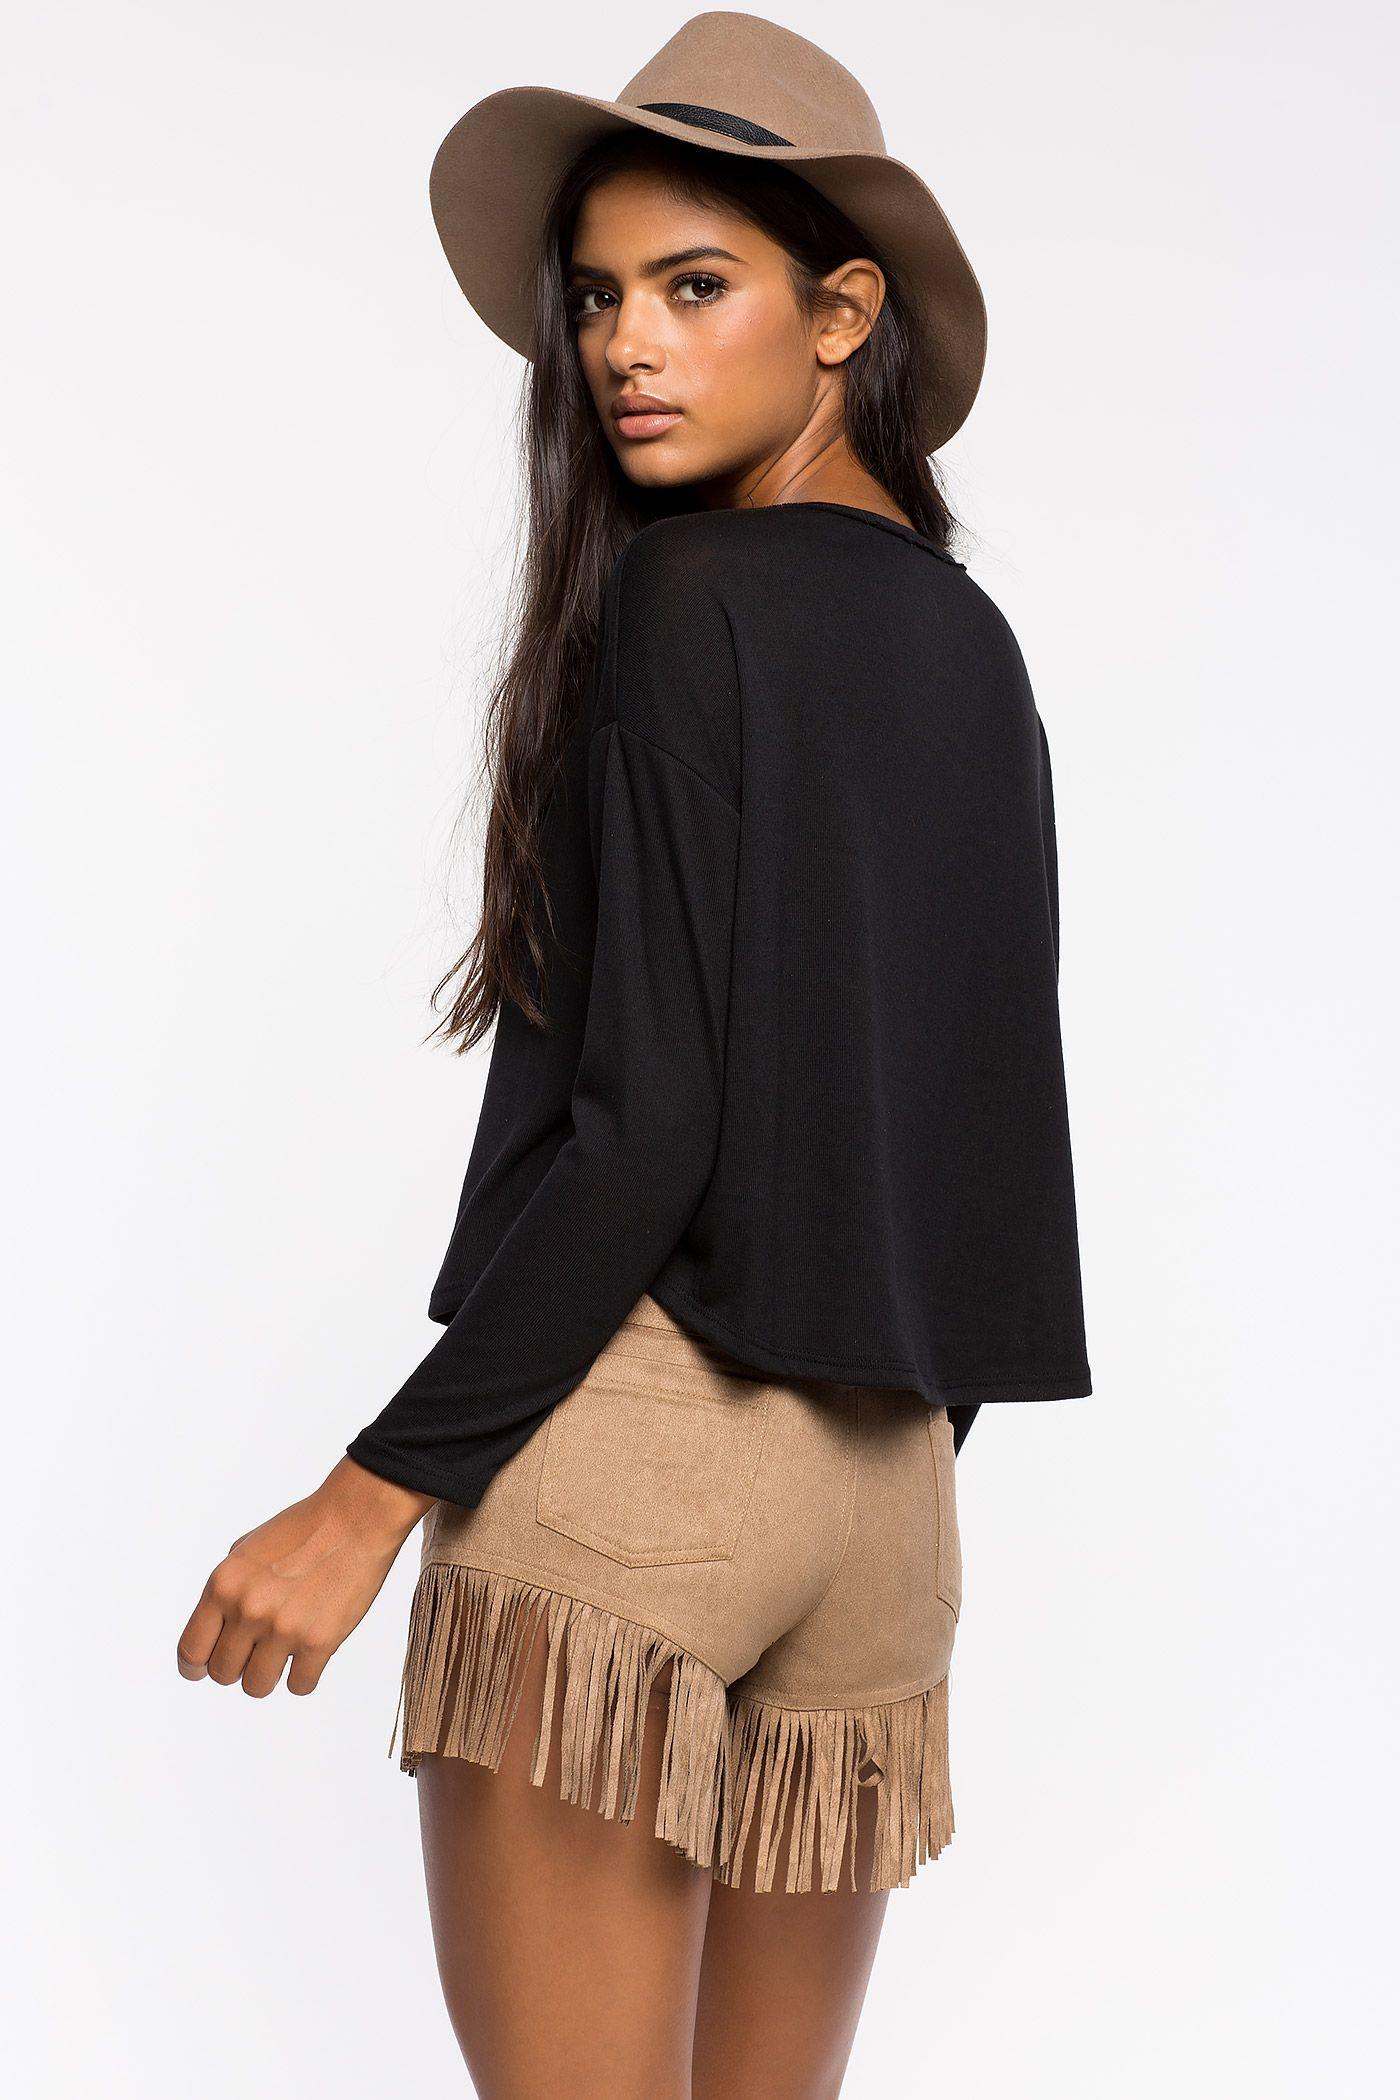 Топ Размеры: S, M, L Цвет: черный Цена: 1013 руб.     #одежда #женщинам #топы #коопт